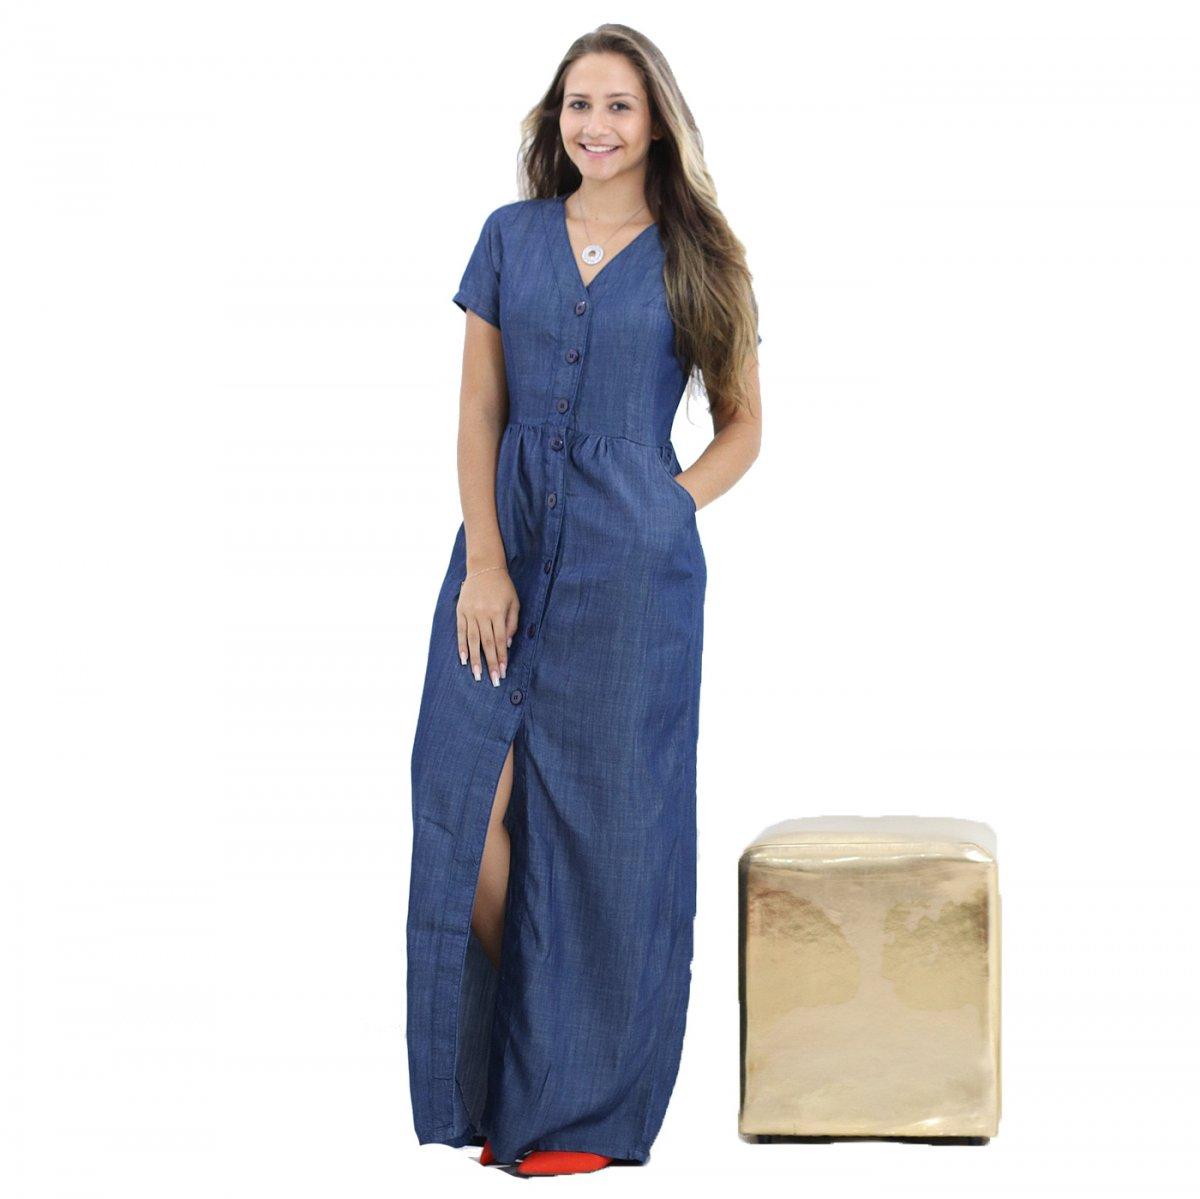 Imagens de vestidos jeans longo